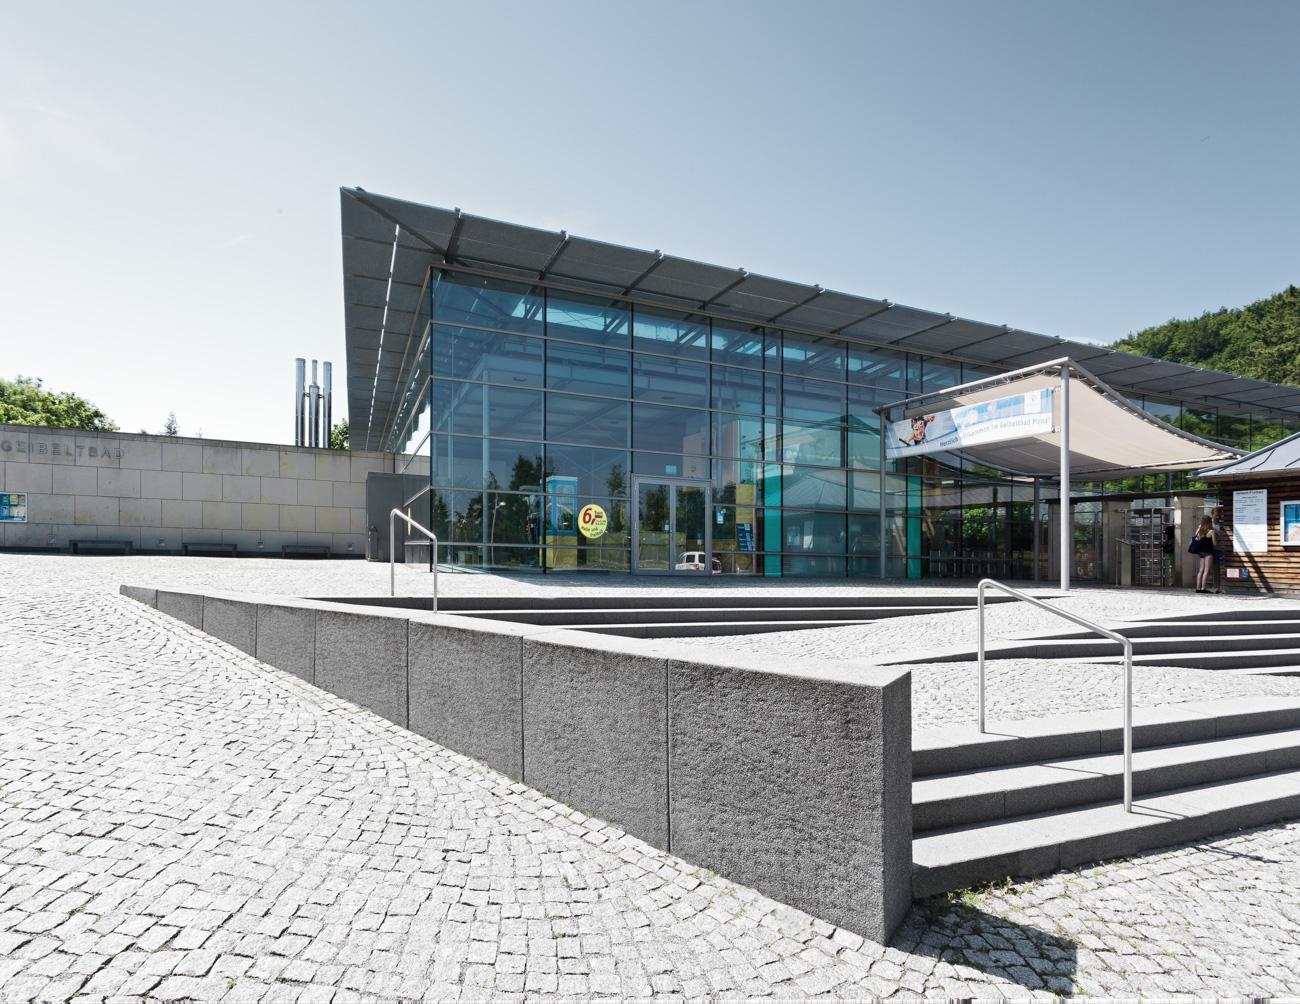 Architekturaufnahme im Geibeltbad in Pirna Schwimmbadfotograf